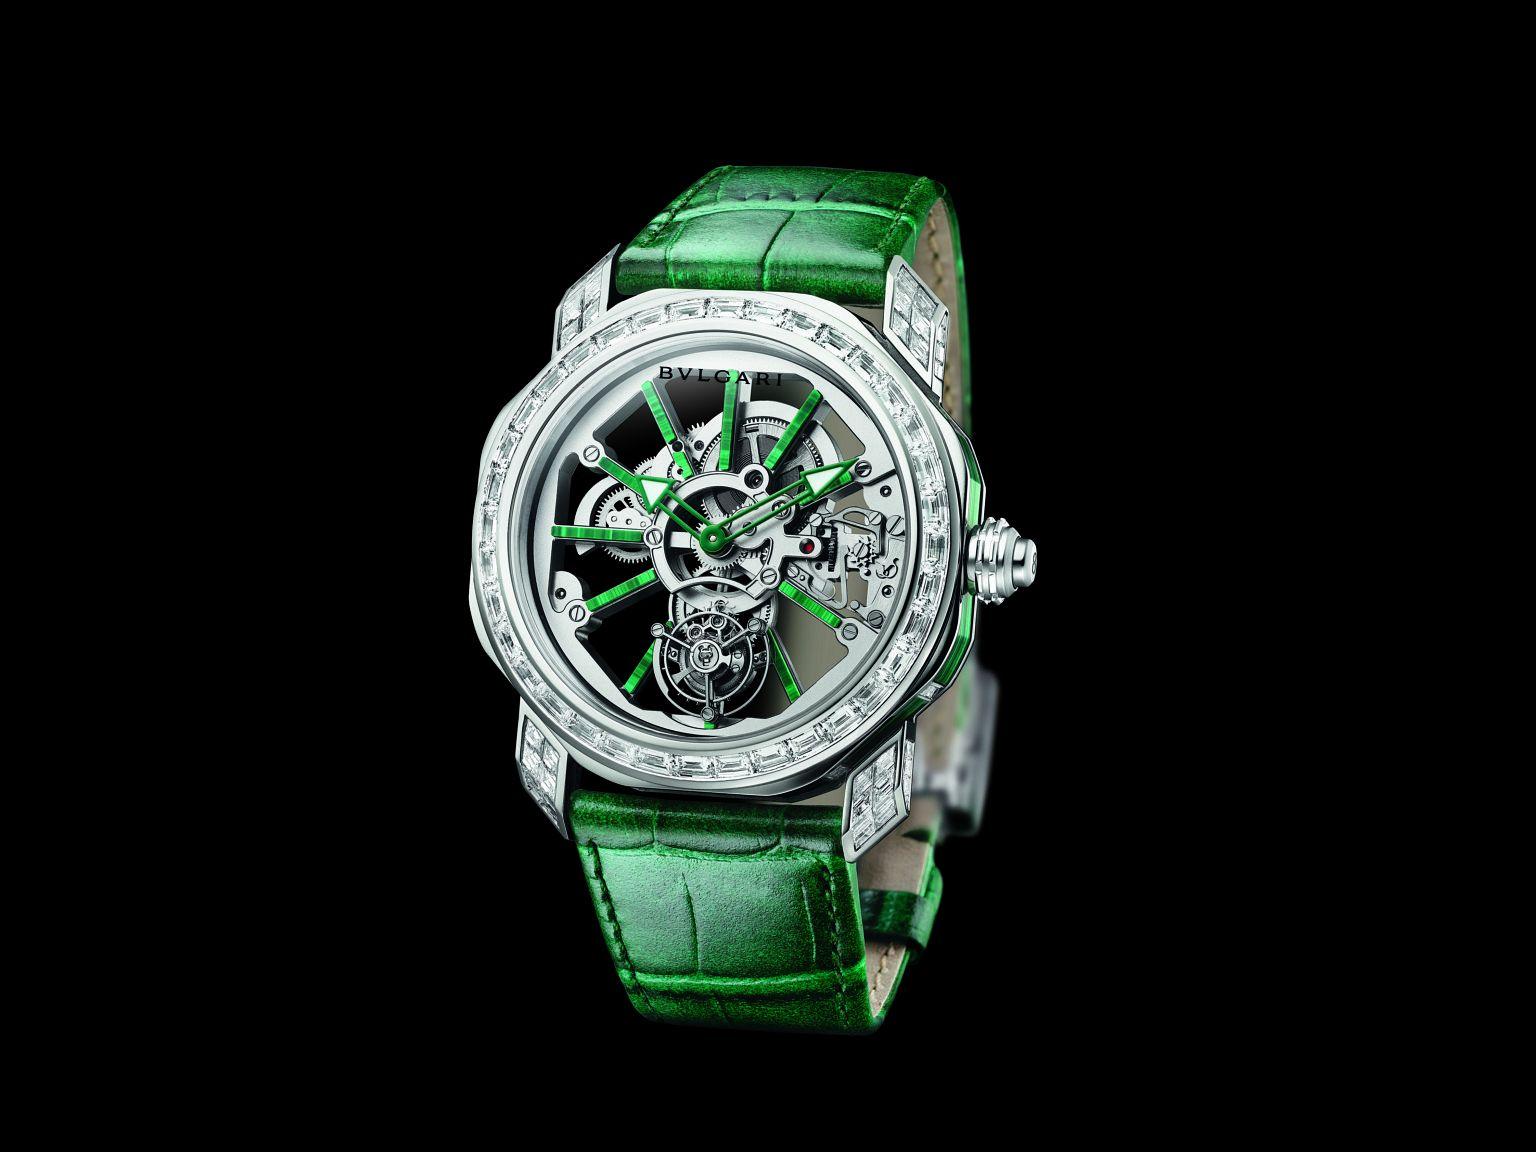 Những tạo tác đồng hồ mới đậm tính biểu tượng của Bvlgari trong năm 2020